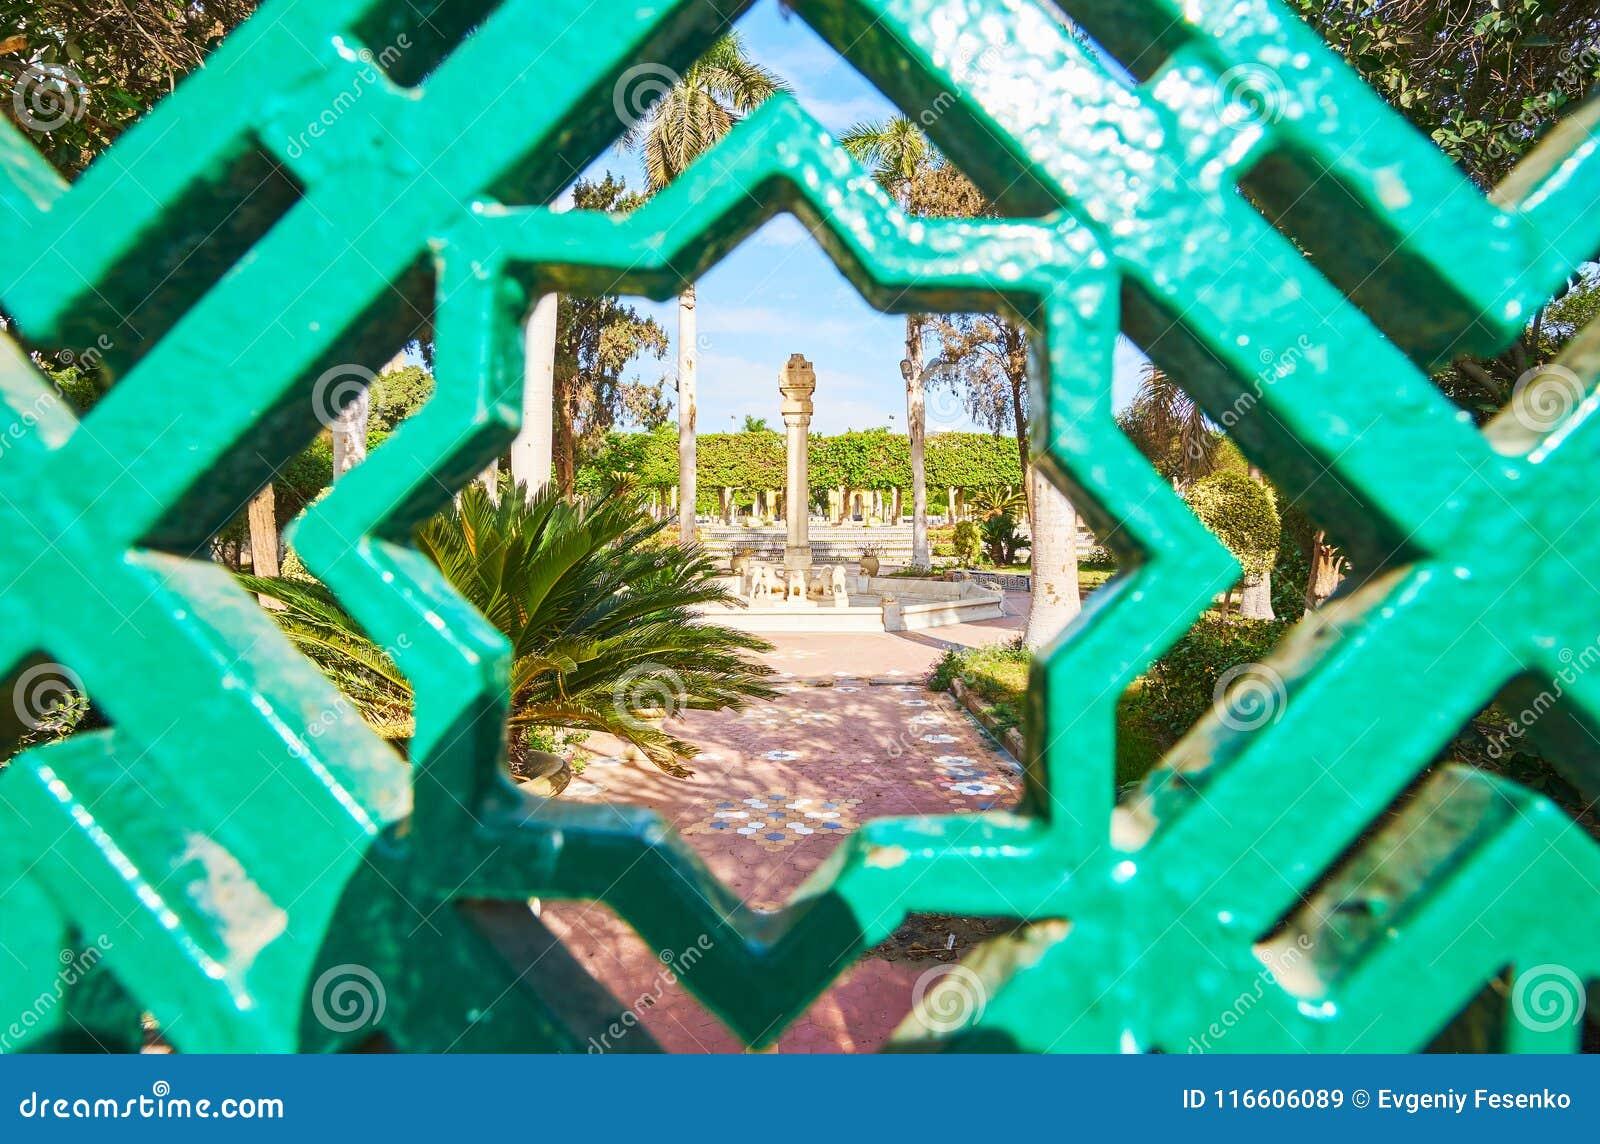 Andalusian Garden Through Arabian Star Cairo Egypt Stock Image